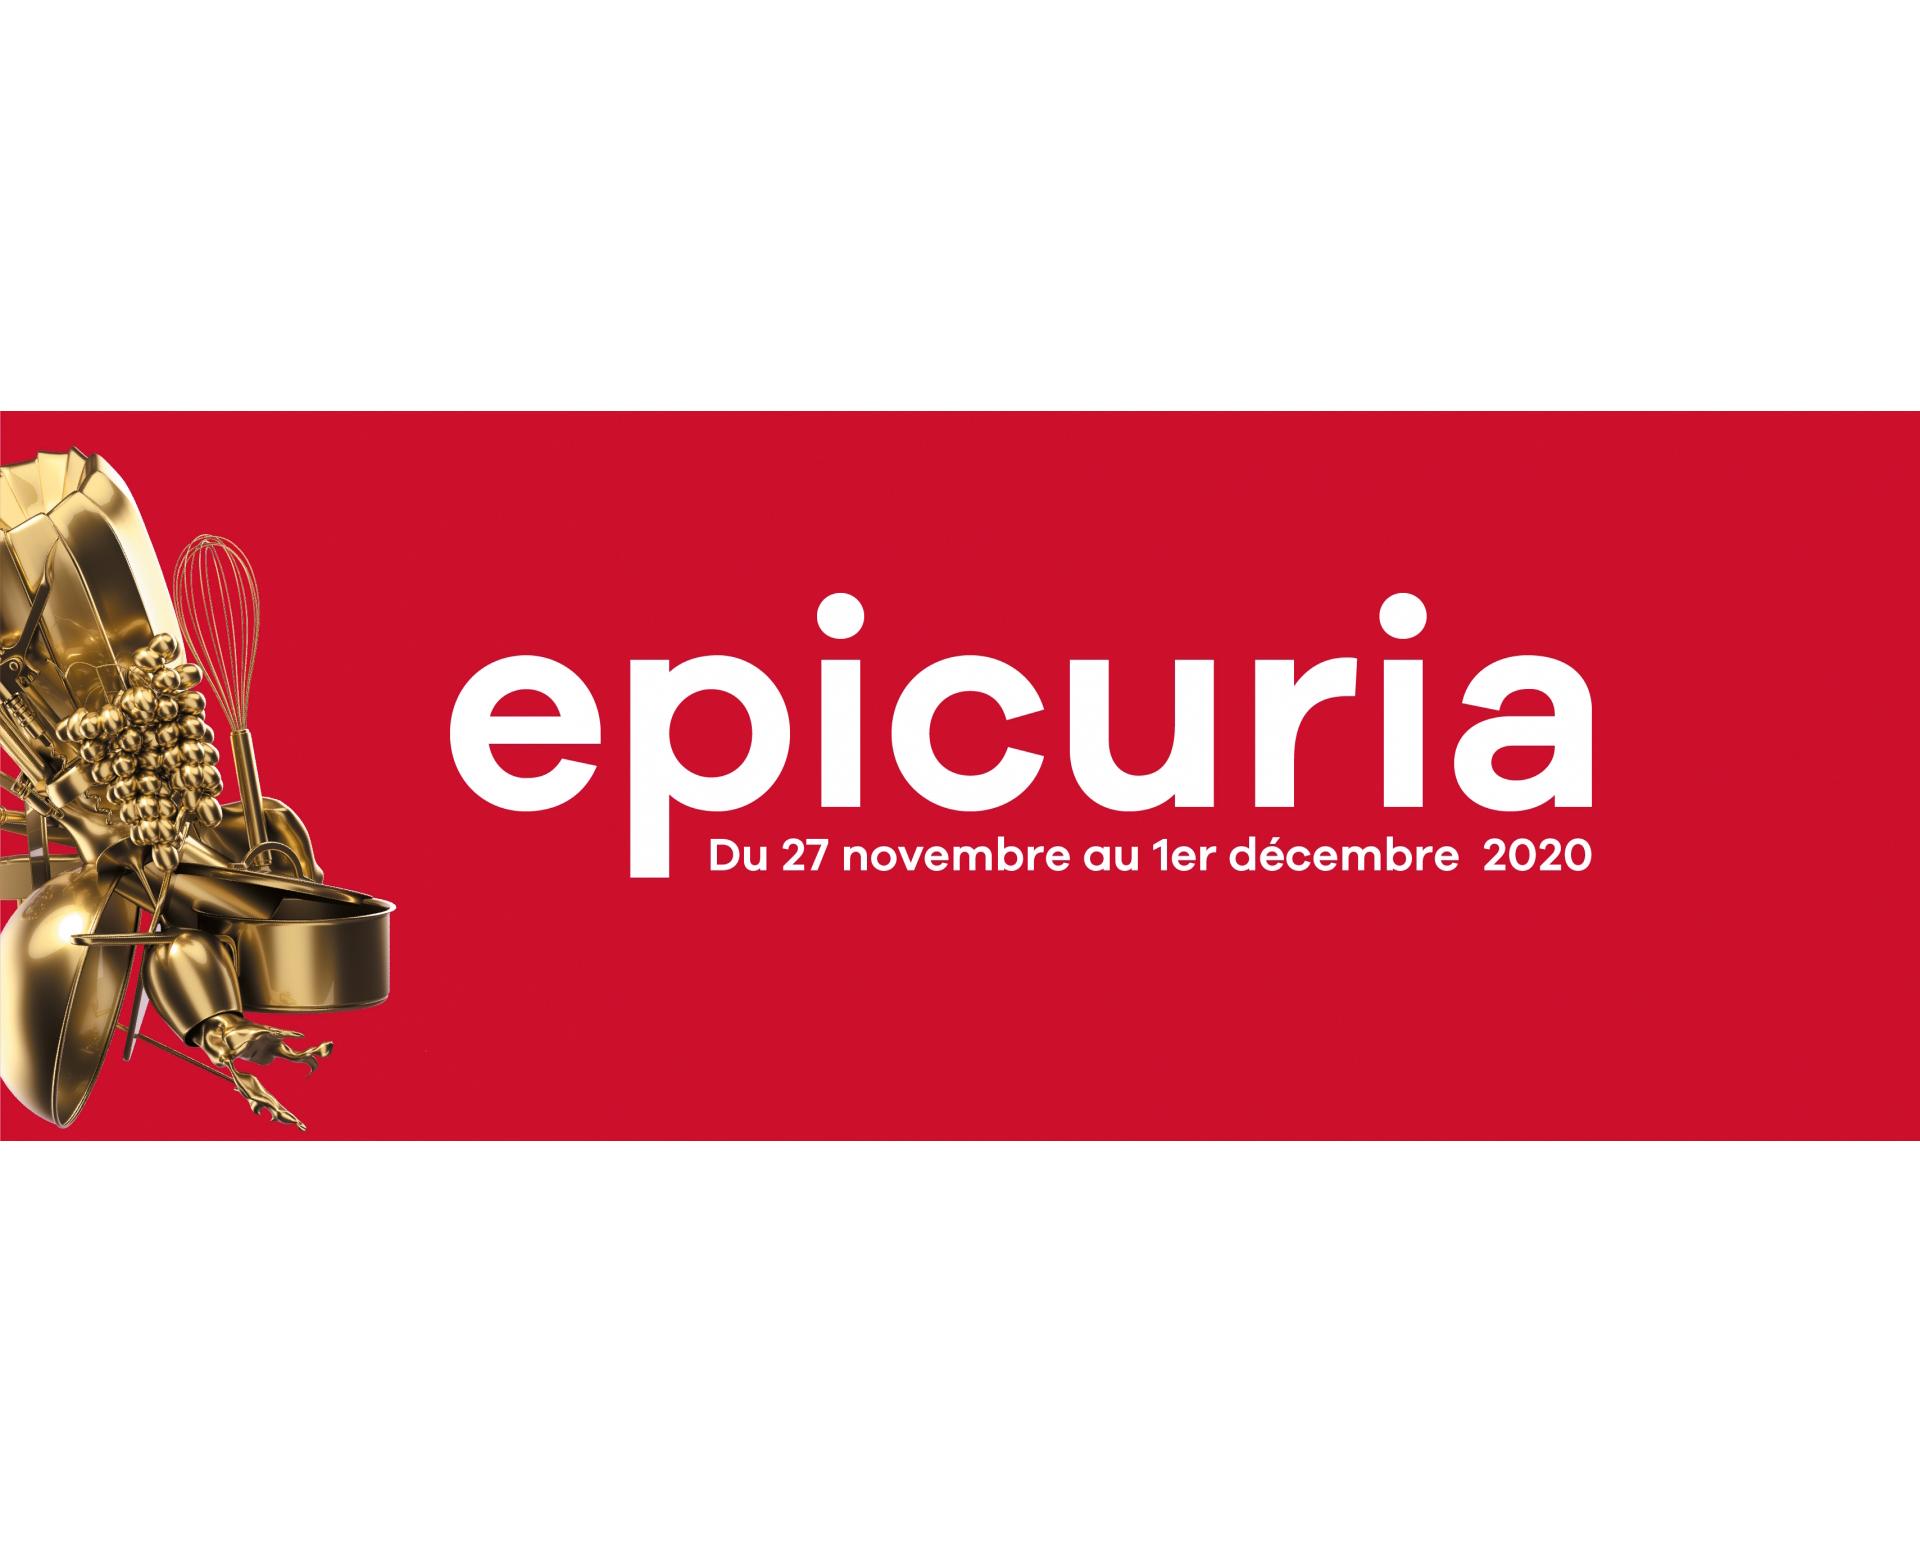 le logo du salon Epicuria à Martigny pour l'agenda de 3D Swiss View en Valais, Suisse